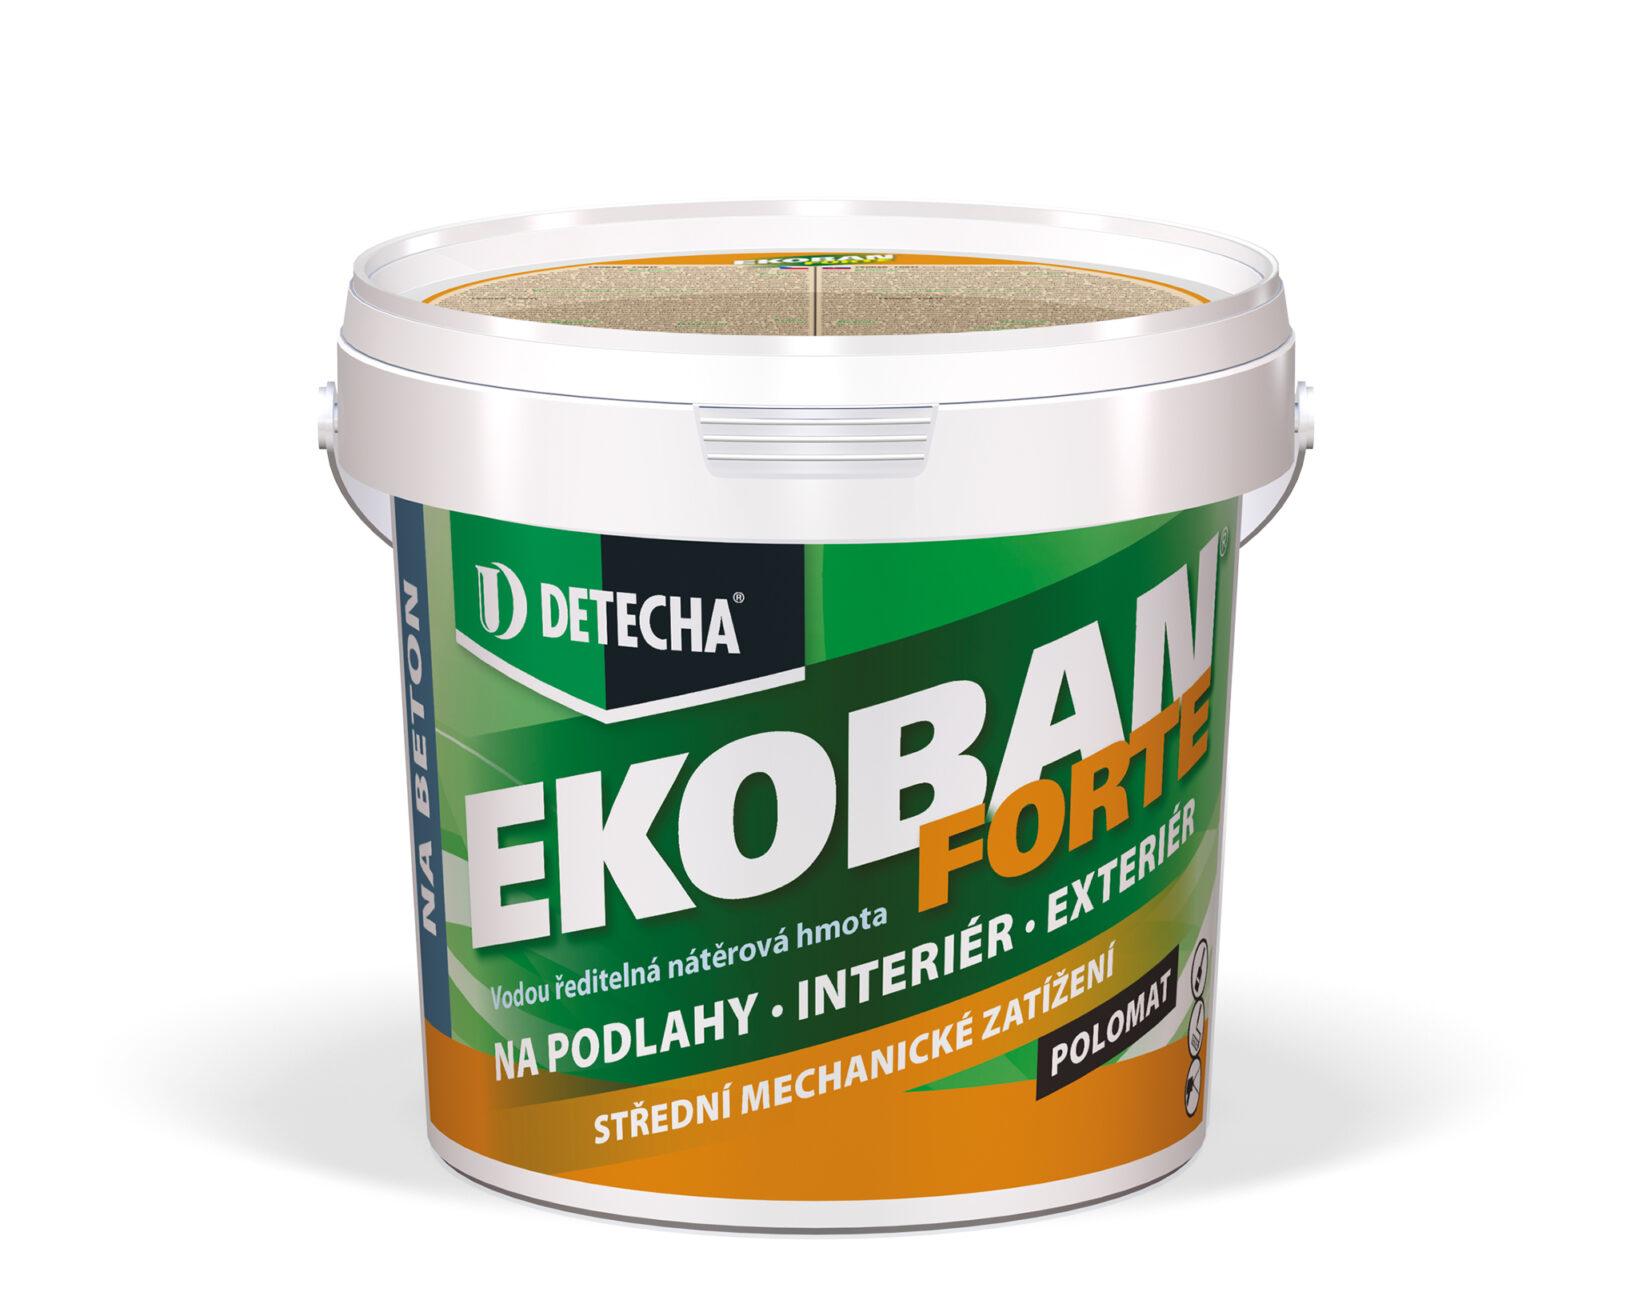 Detecha Ekoban forte 5 kg